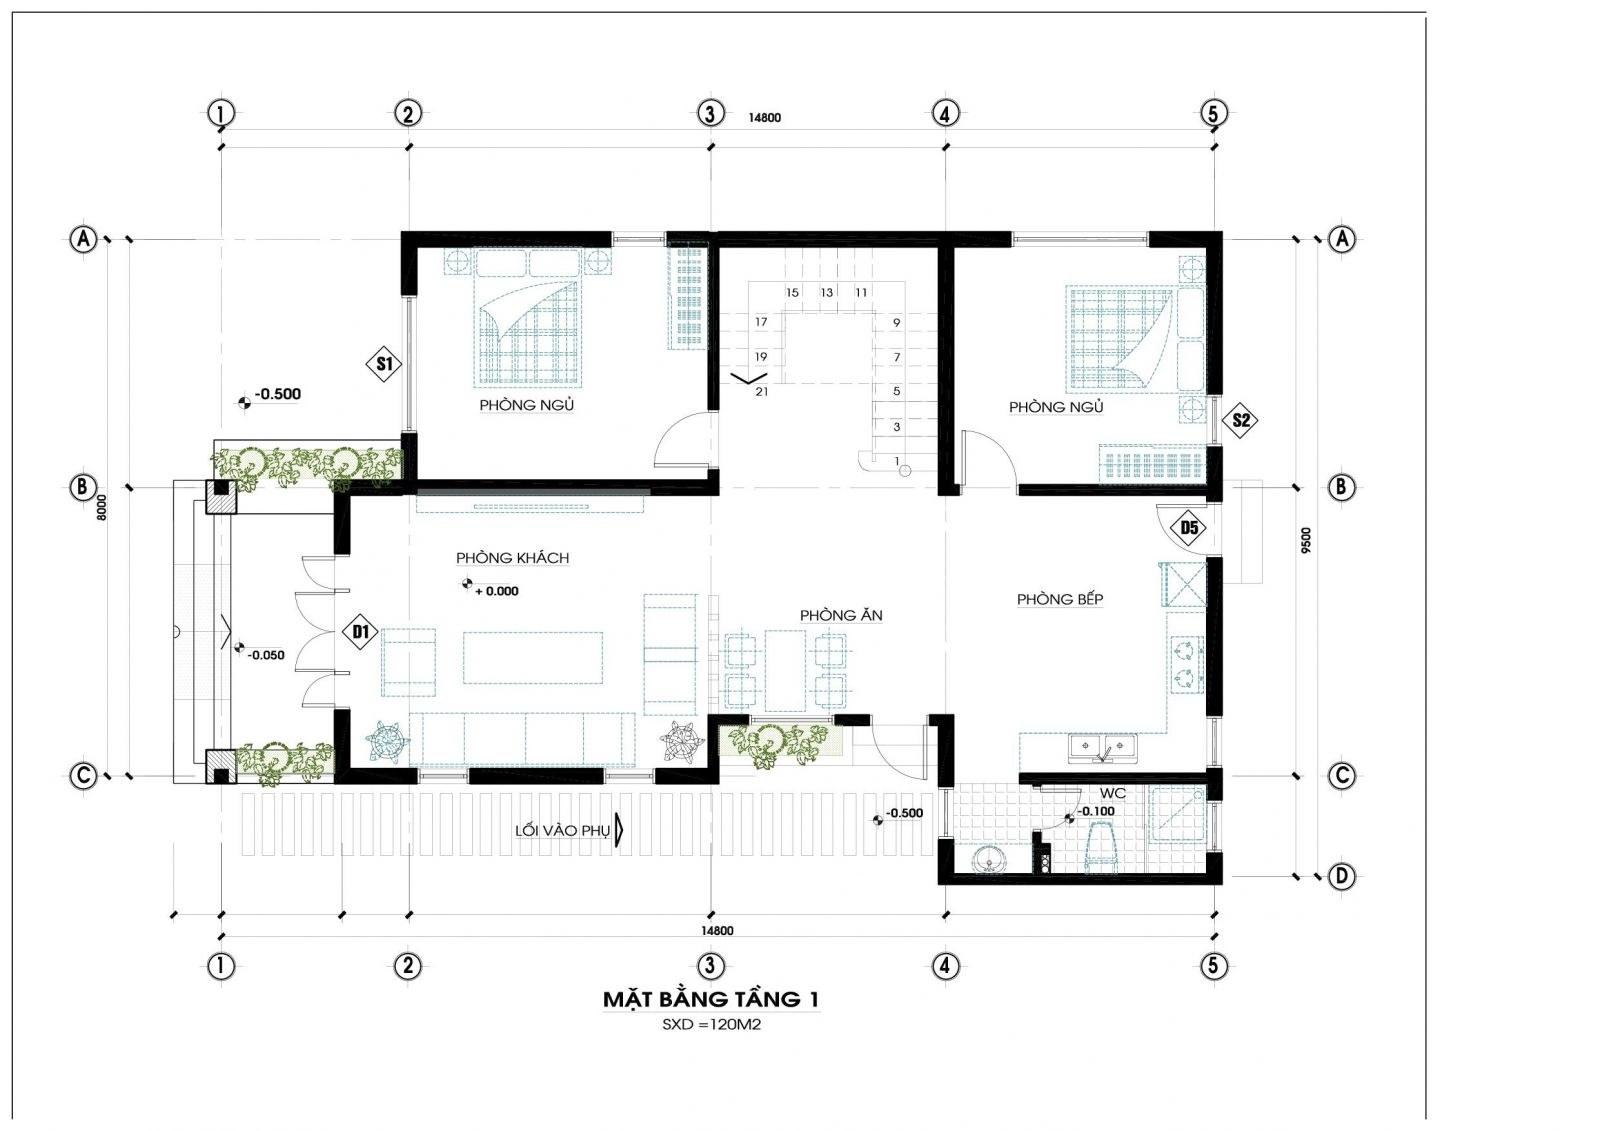 mat bang tang 1 biet thu 2 tang hien dai - Thiết kế biệt thự 2 tầng hiện đại ở Hưng Yên